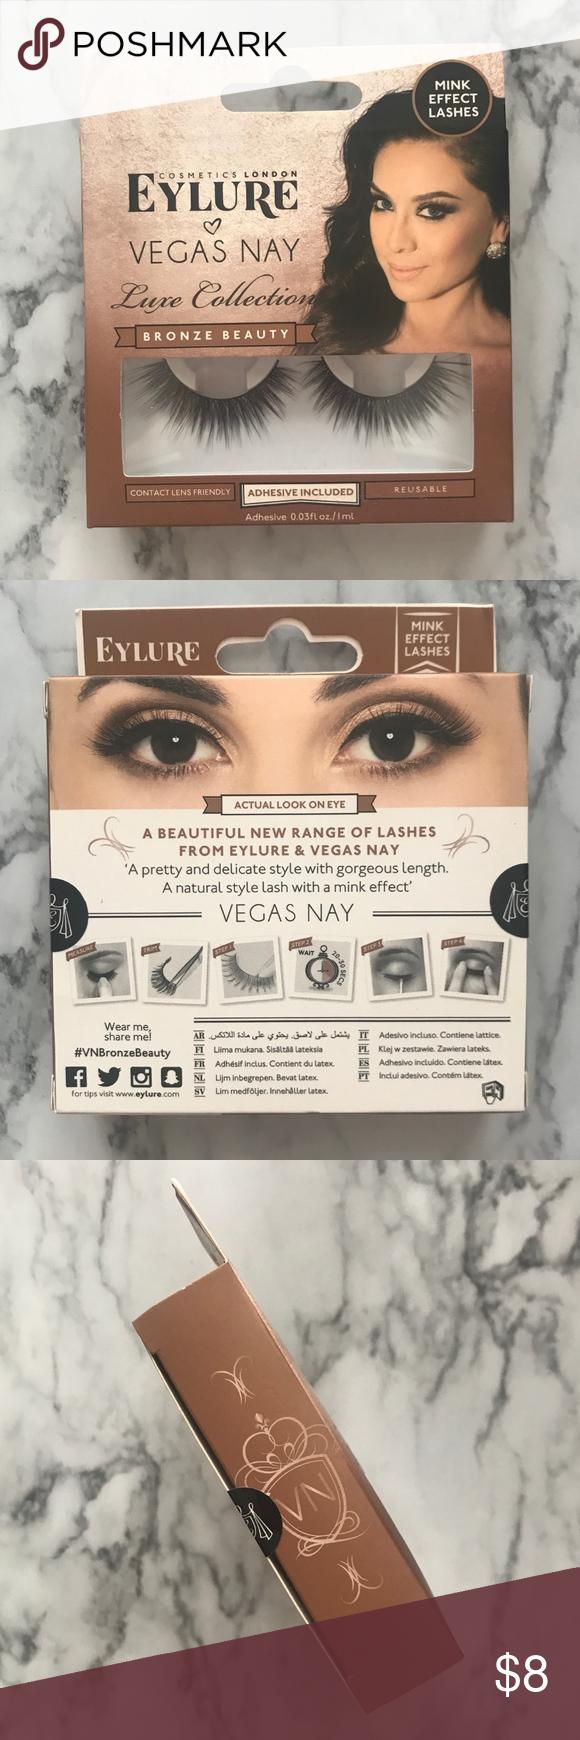 e21736cb04c NEW! Eylure Vegas Nay Luxe Bronze False Eyelashes NEW! Unopened, in ...